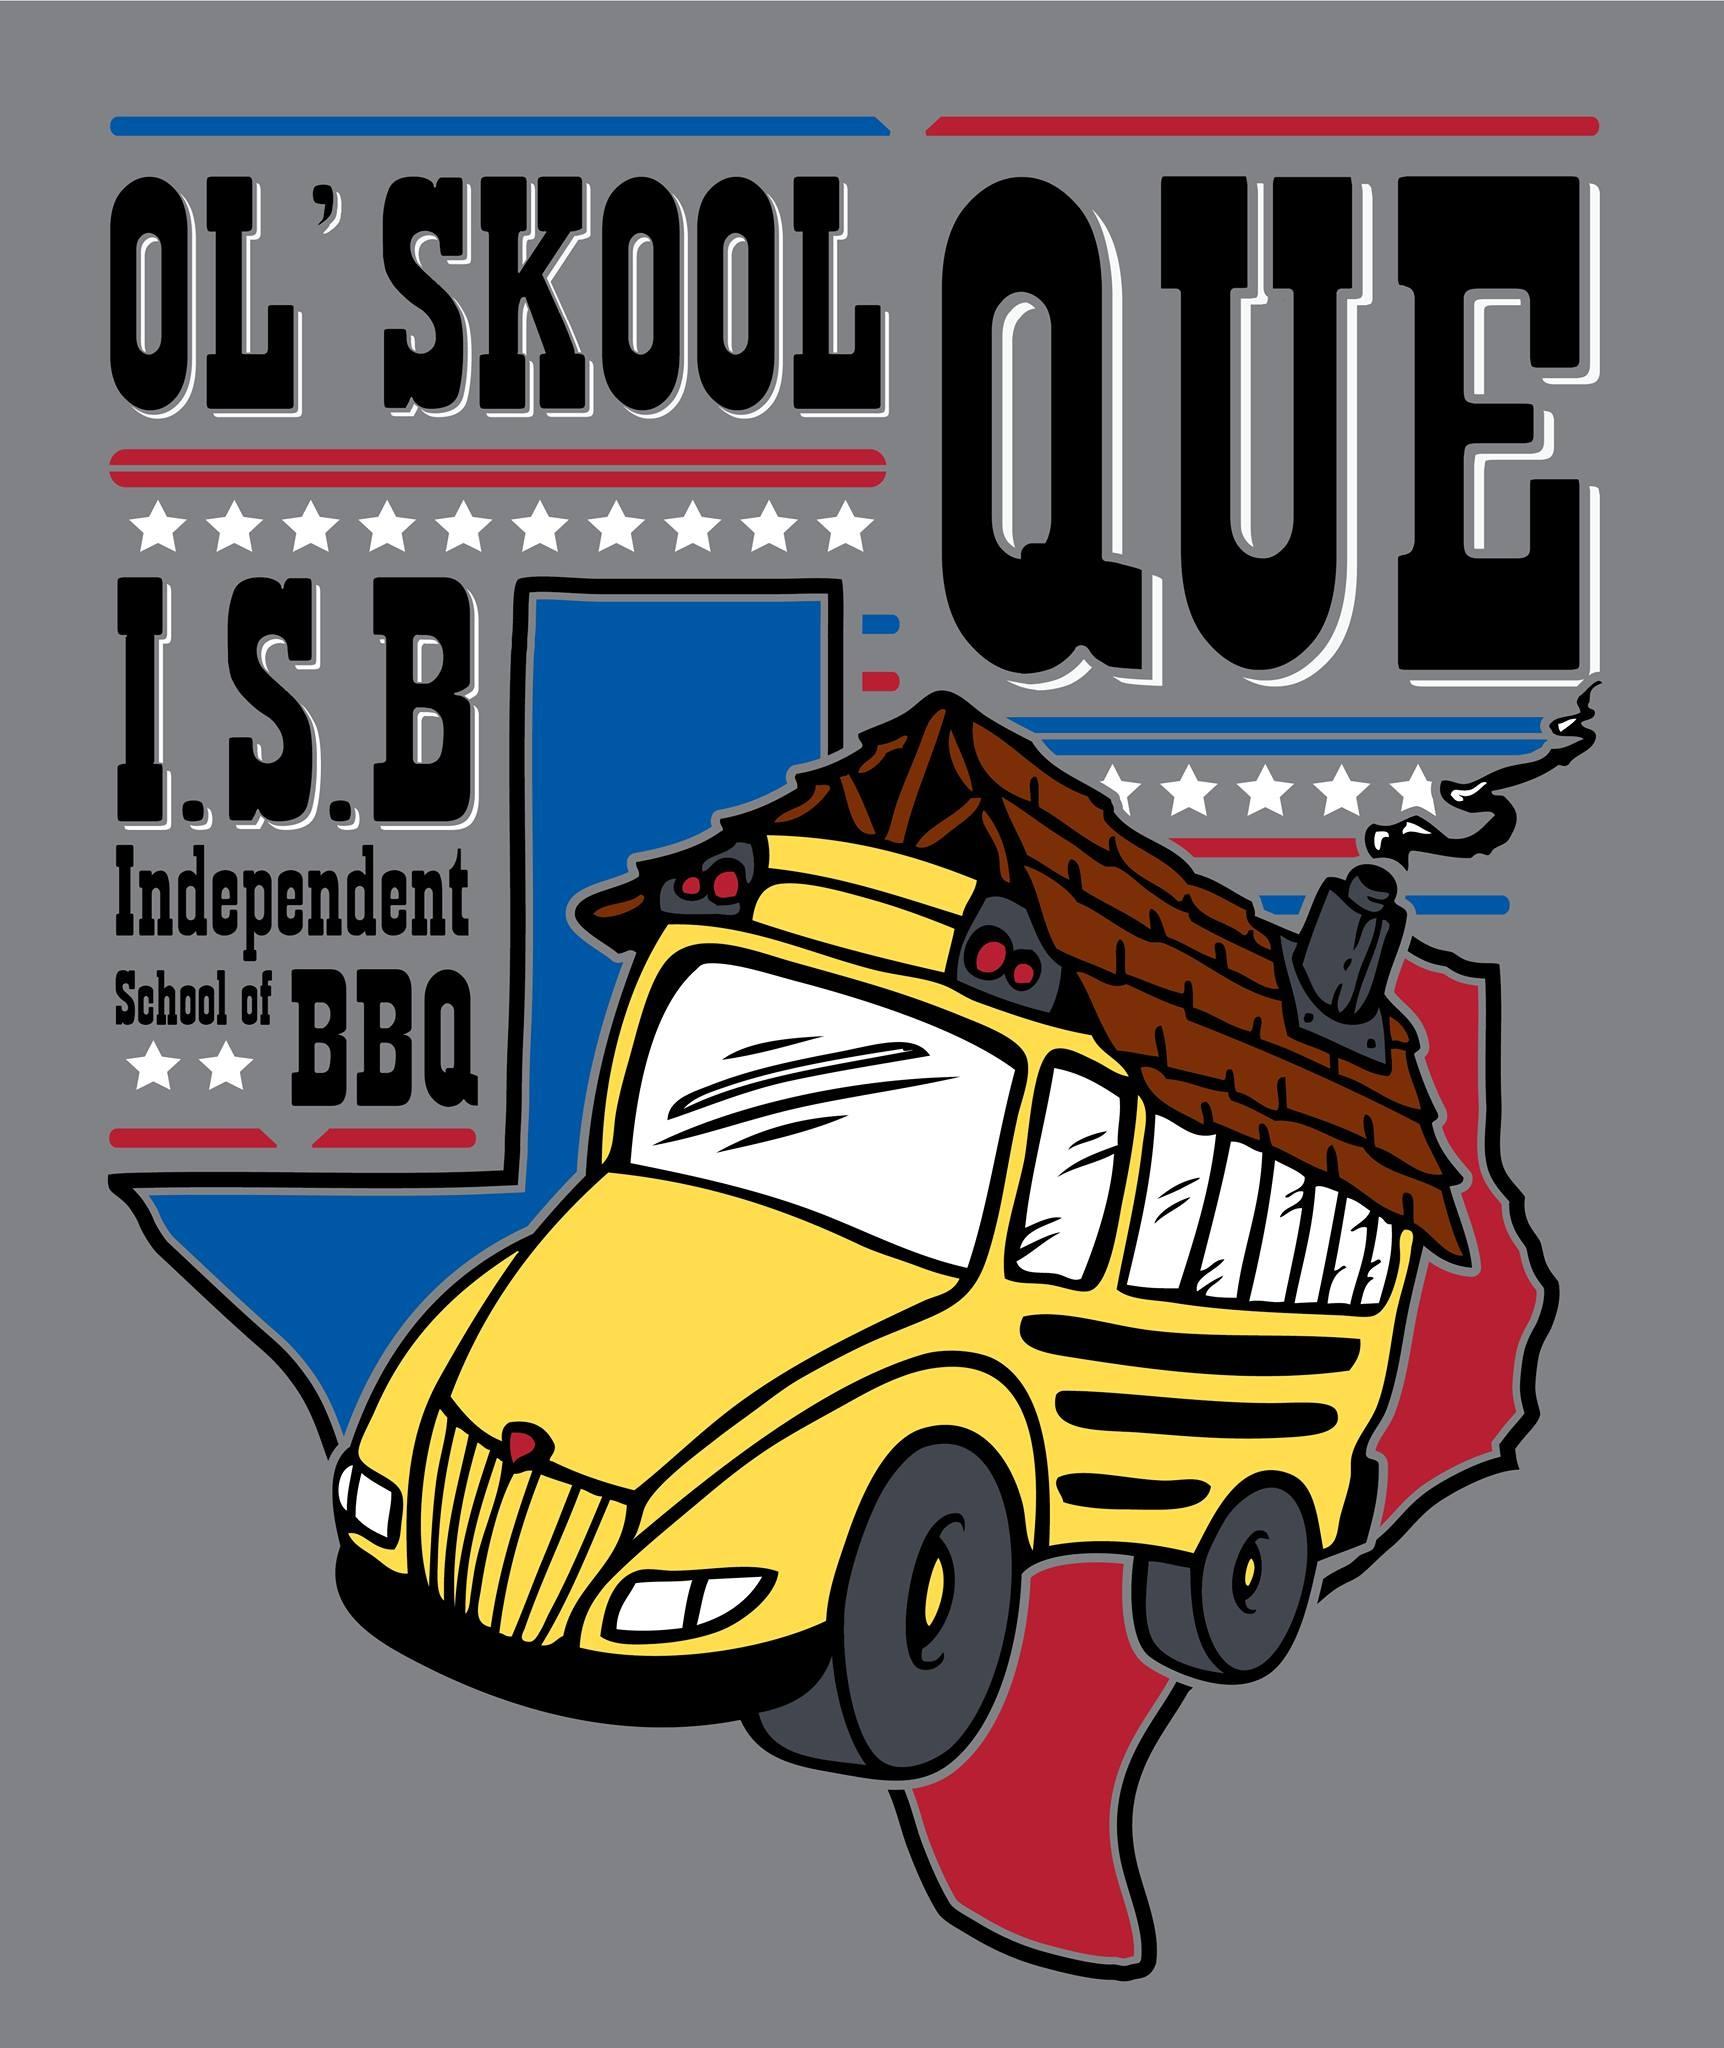 Ol'Skool Que logo